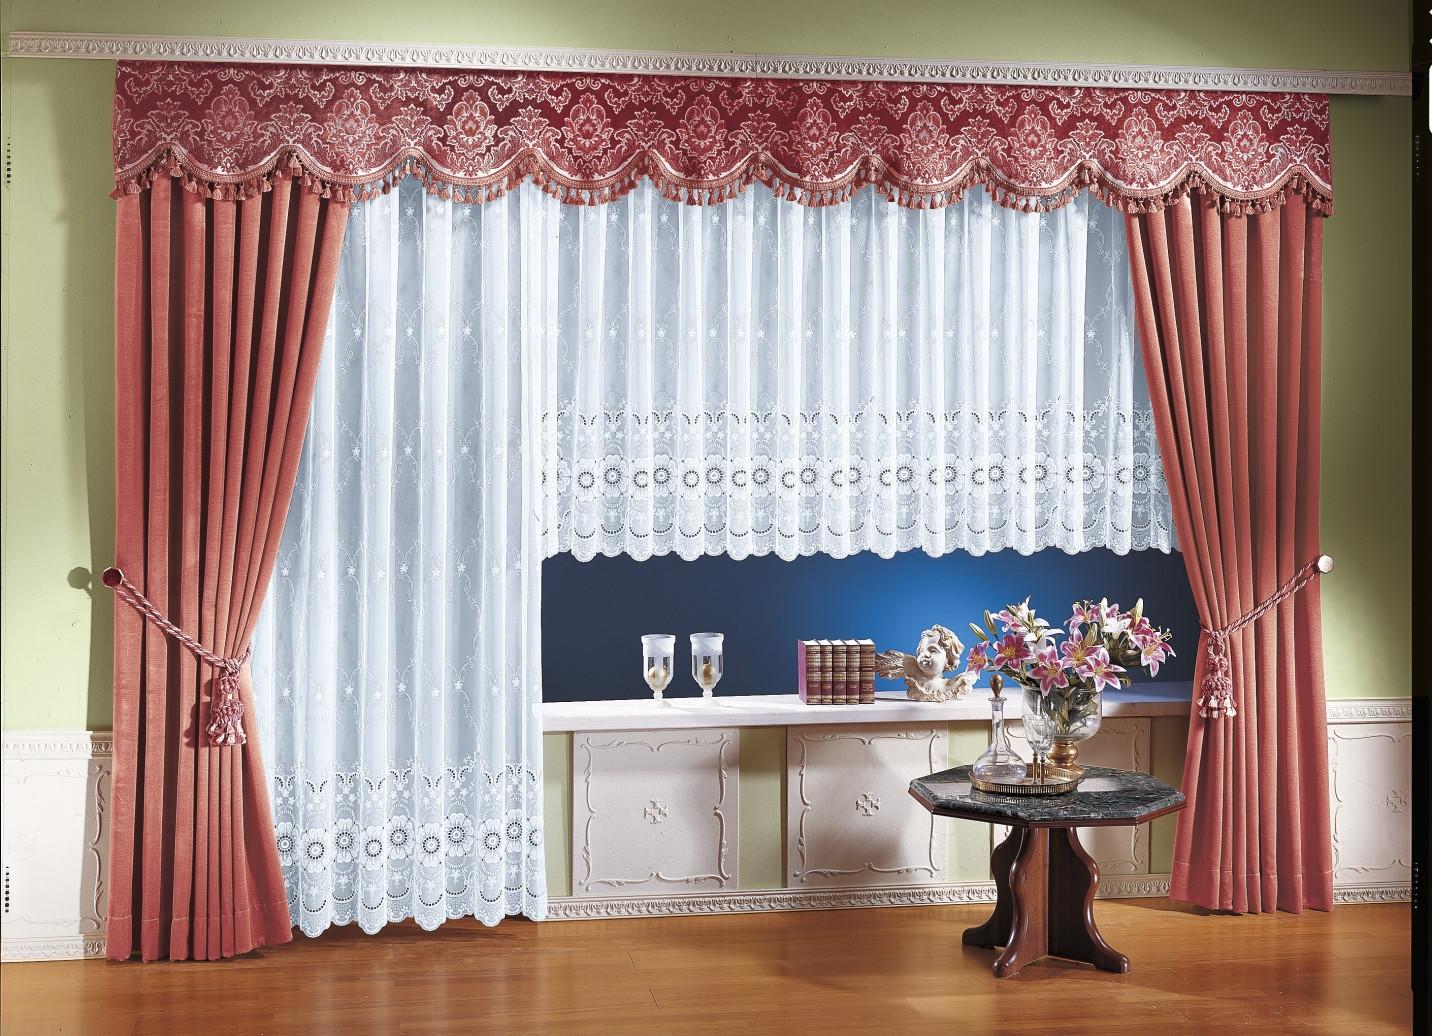 Full Size of Gardinen Küche Für Die Schlafzimmer Wohnzimmer Fenster Scheibengardinen Wohnzimmer Gardinen Doppelfenster